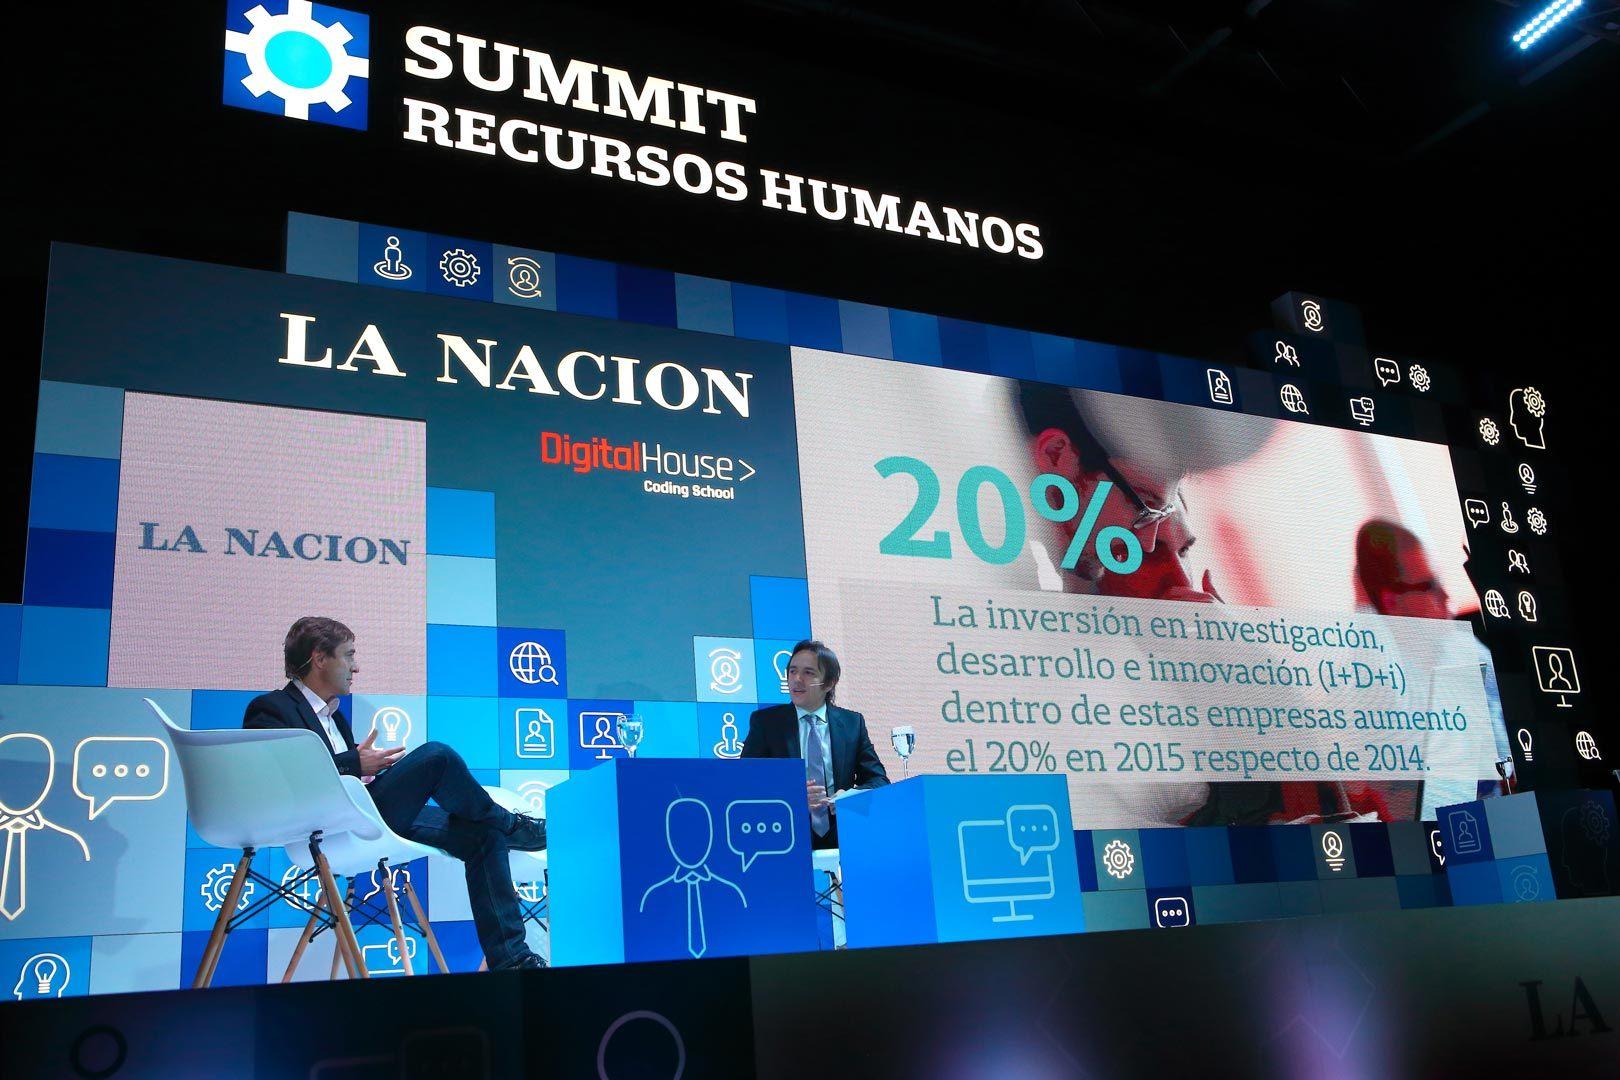 back escenario La Nación summit recursos humanos